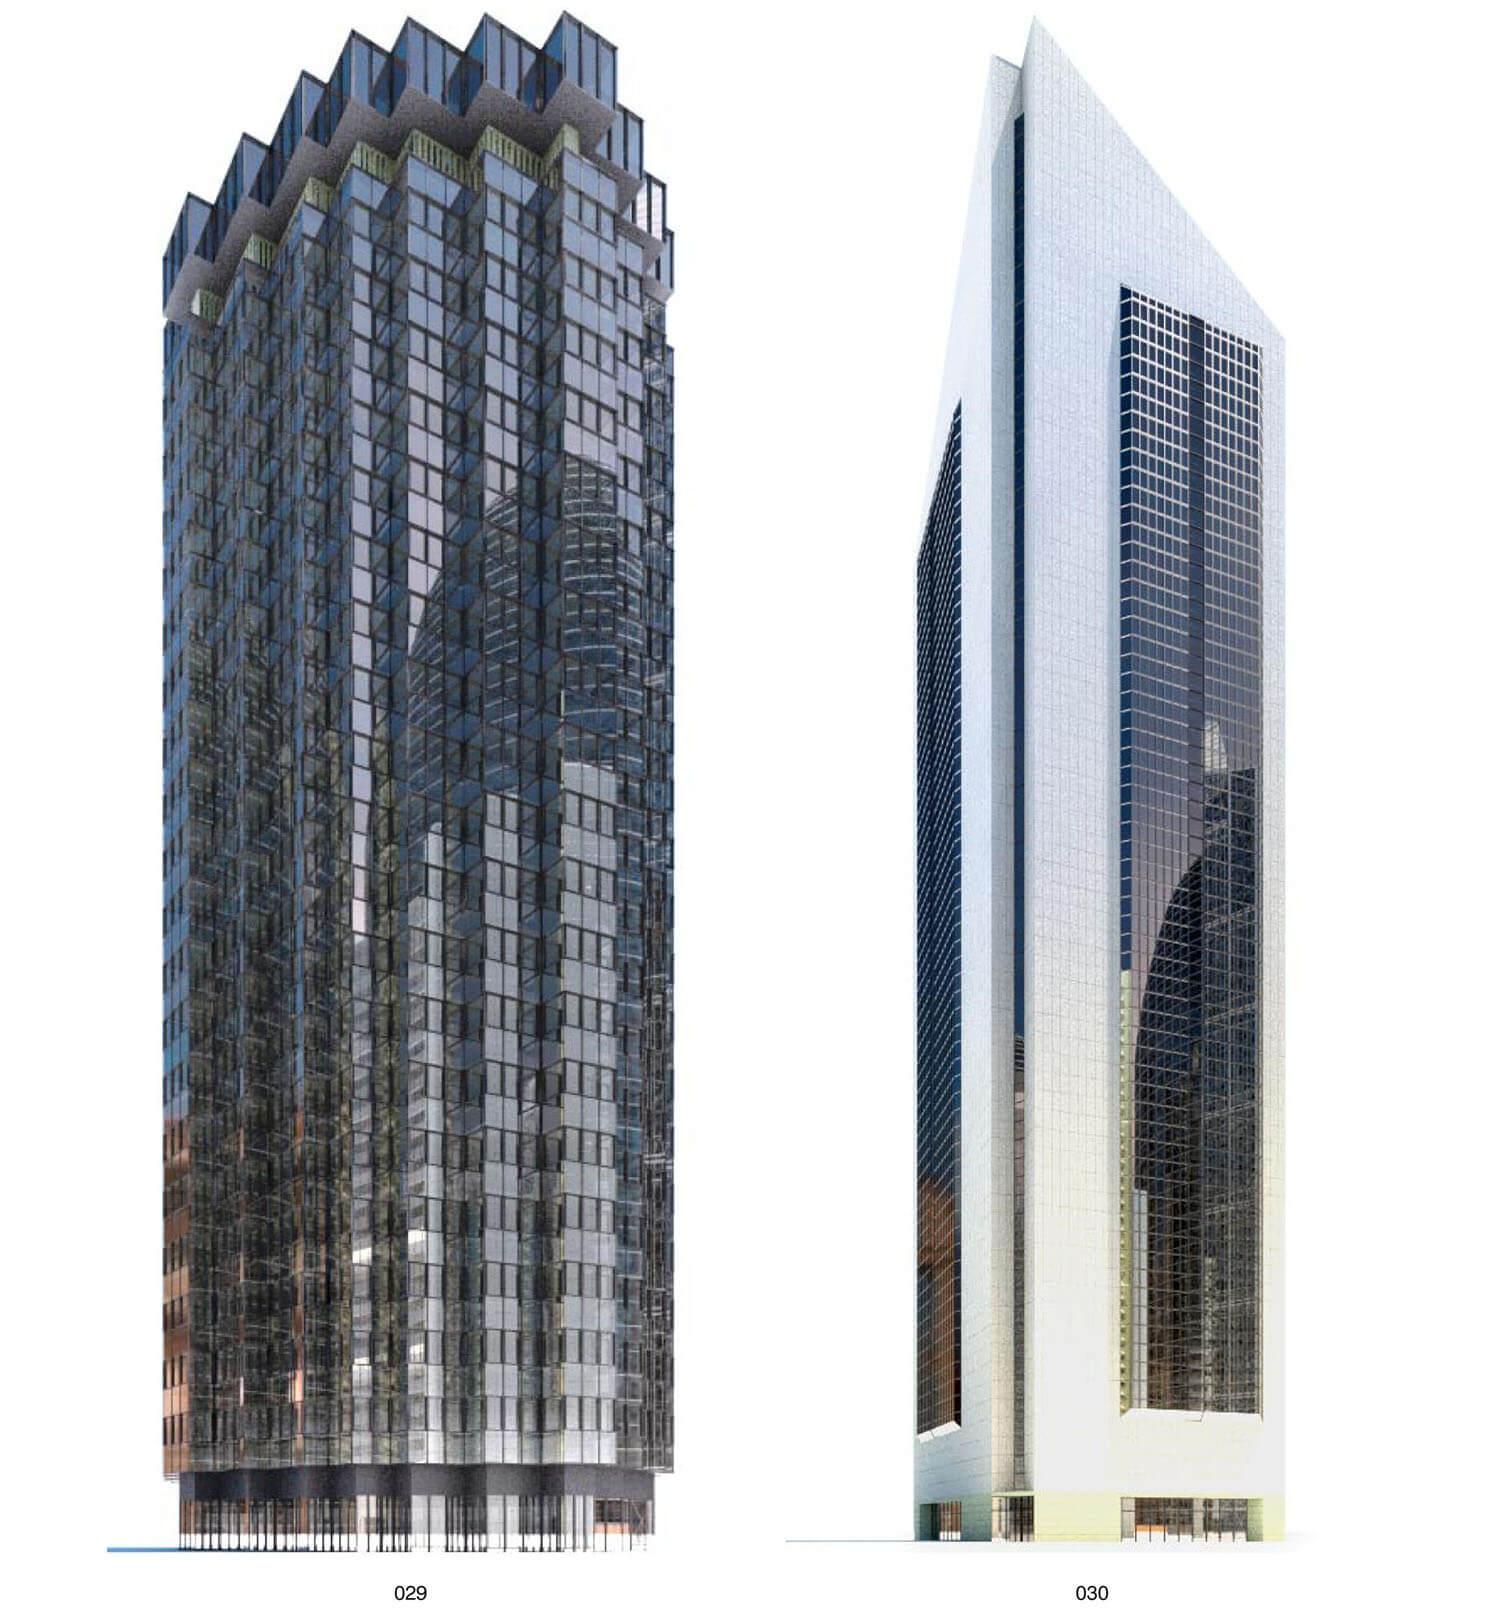 Nhà cao tầng với các đường nét mạnh mẽ như đến từ vũ trụ